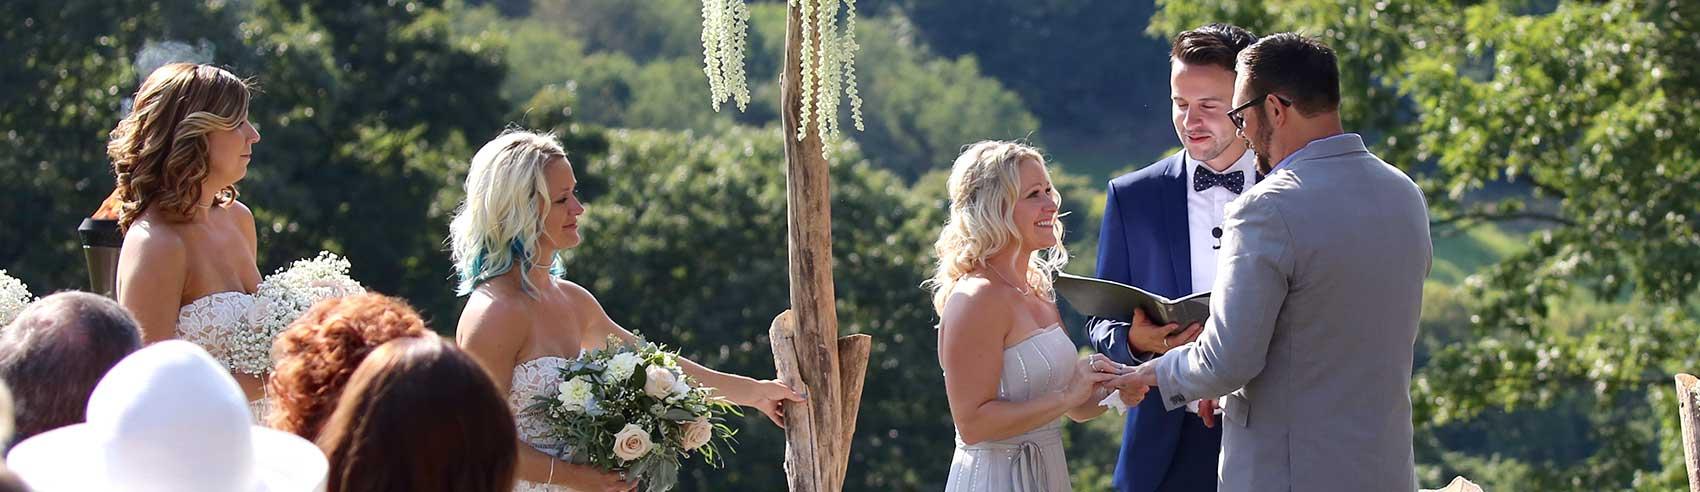 Meredyth-and-Rich-Pribis-Hidden-Valley-Resort-Weddings-2